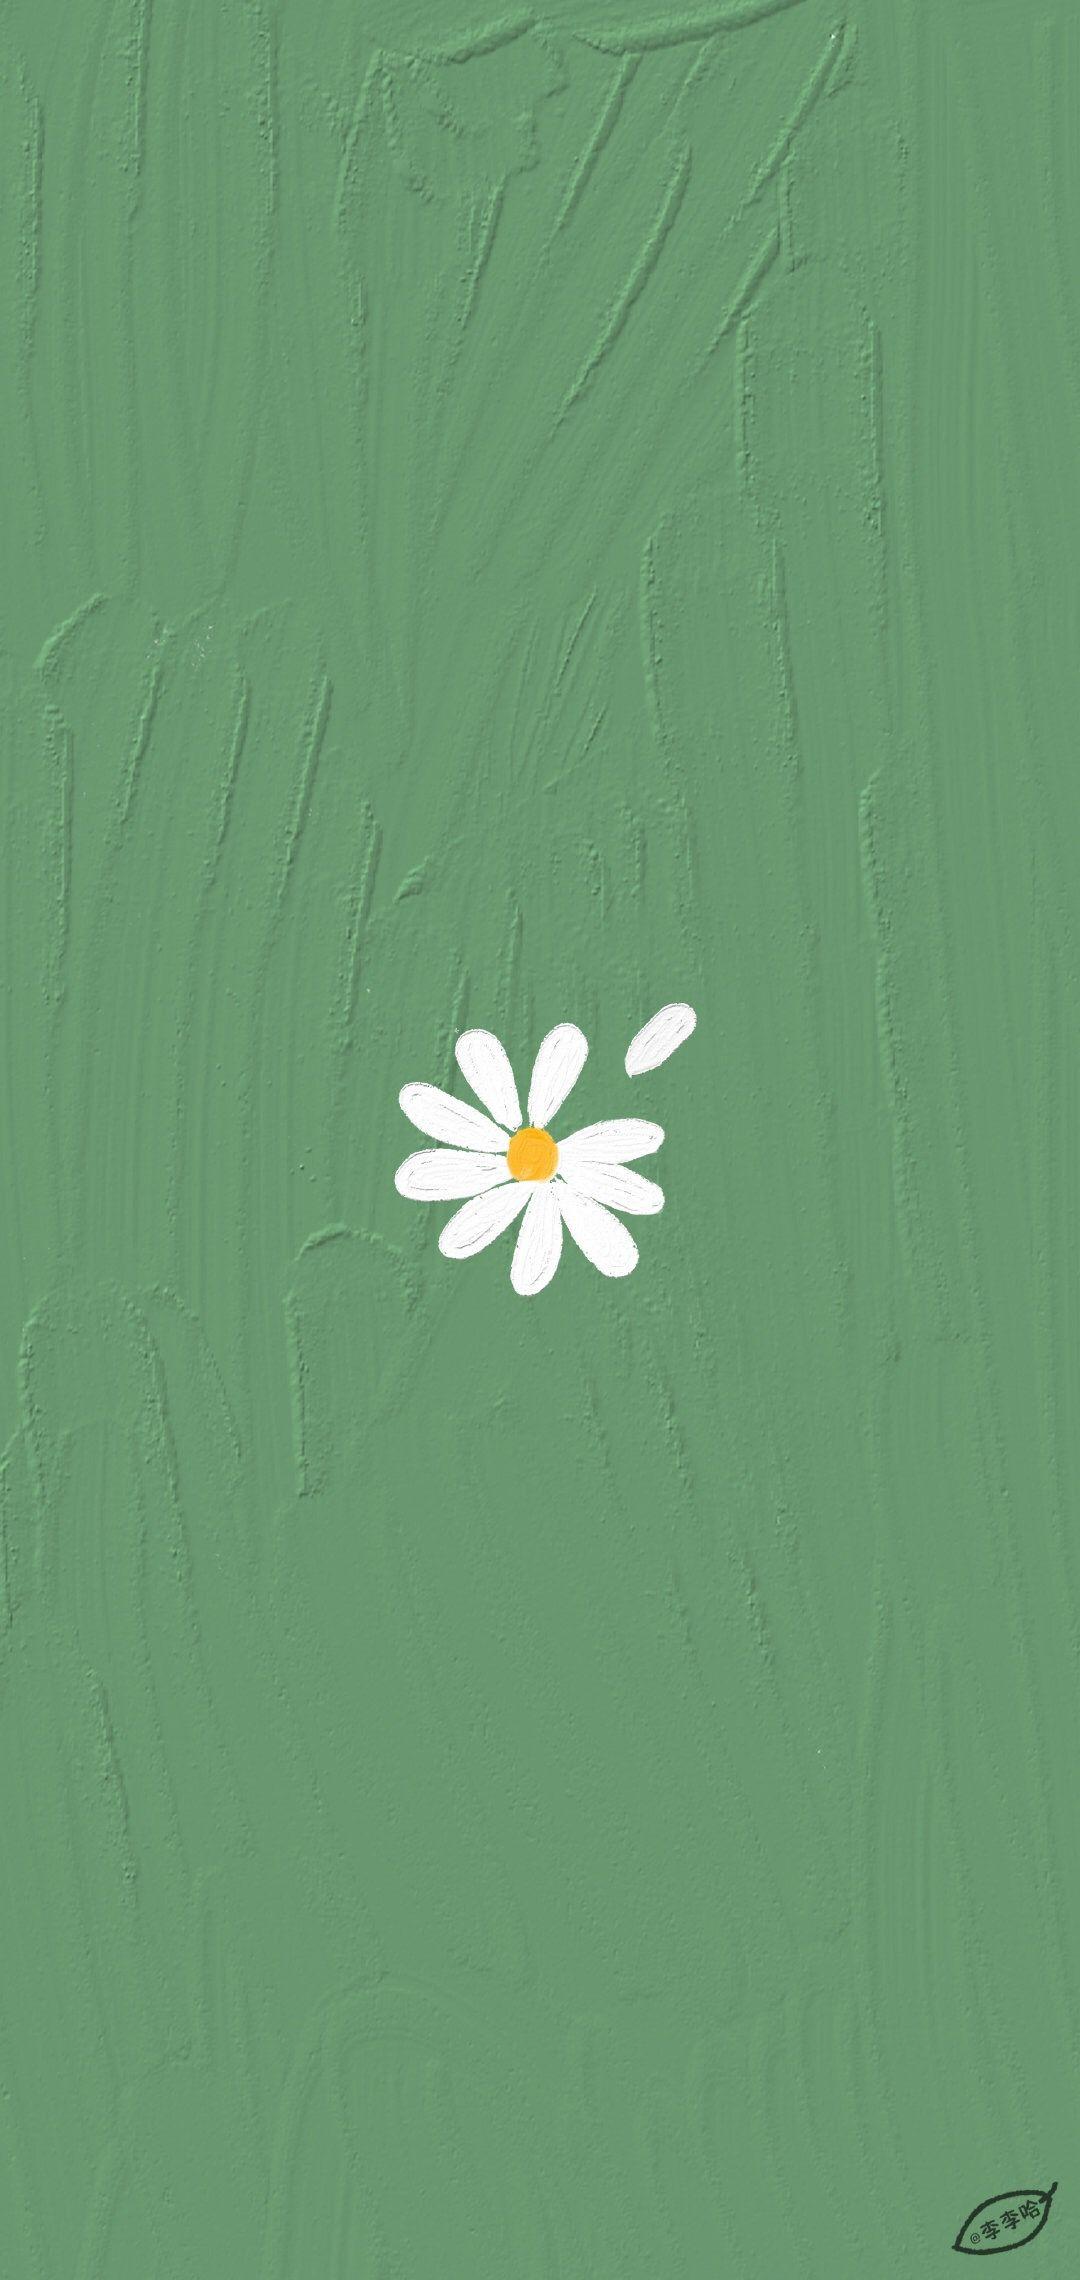 Wallpaper Iphone Hd Hijau